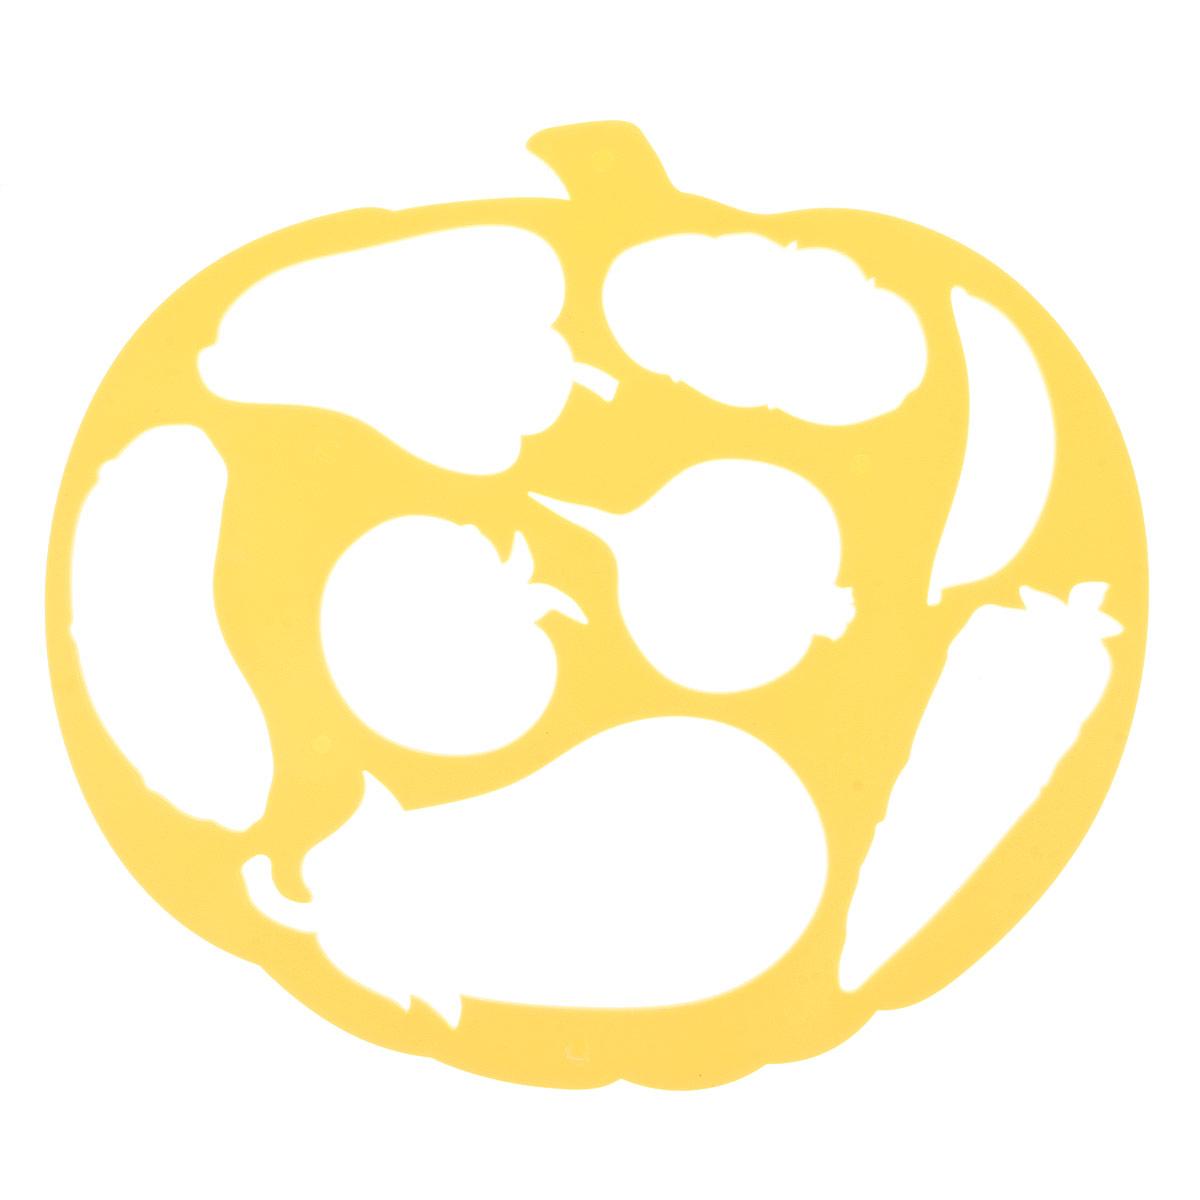 Трафарет фигурный Луч Тыква и овощи, цвет: желтый17С 1149-08Трафарет фигурный Луч Тыква и овощи, выполненный из безопасного пластика, предназначен для детского творчества. С помощью такого трафарета ребенок может нарисовать большую тыкву и создать свою интересную композицию из овощей: огурца, перца, помидора, баклажана, моркови, гороха, картофеля и репы. Изделие применяется для создания композиций и аппликаций, а также для рисования красками. Трафареты предназначены для развития у детей мелкой моторики и зрительно- двигательной координации, навыков художественной композиции и зрительного восприятия.